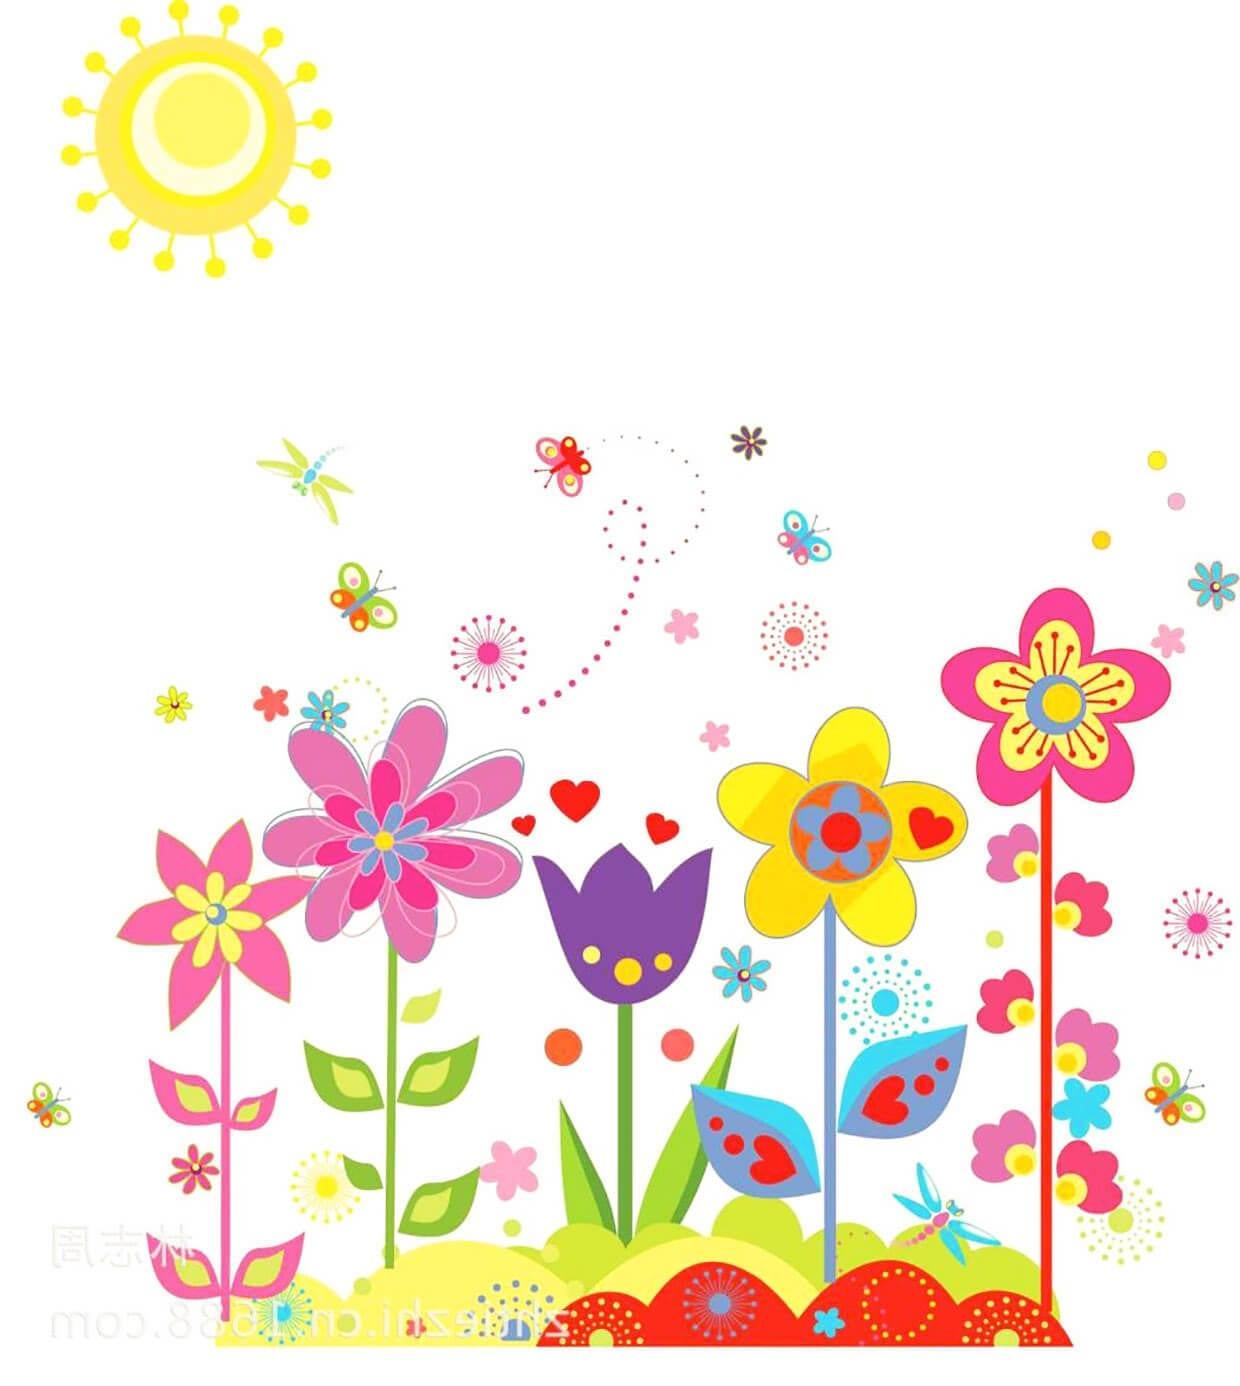 Весна и цветы картинка для детей 2